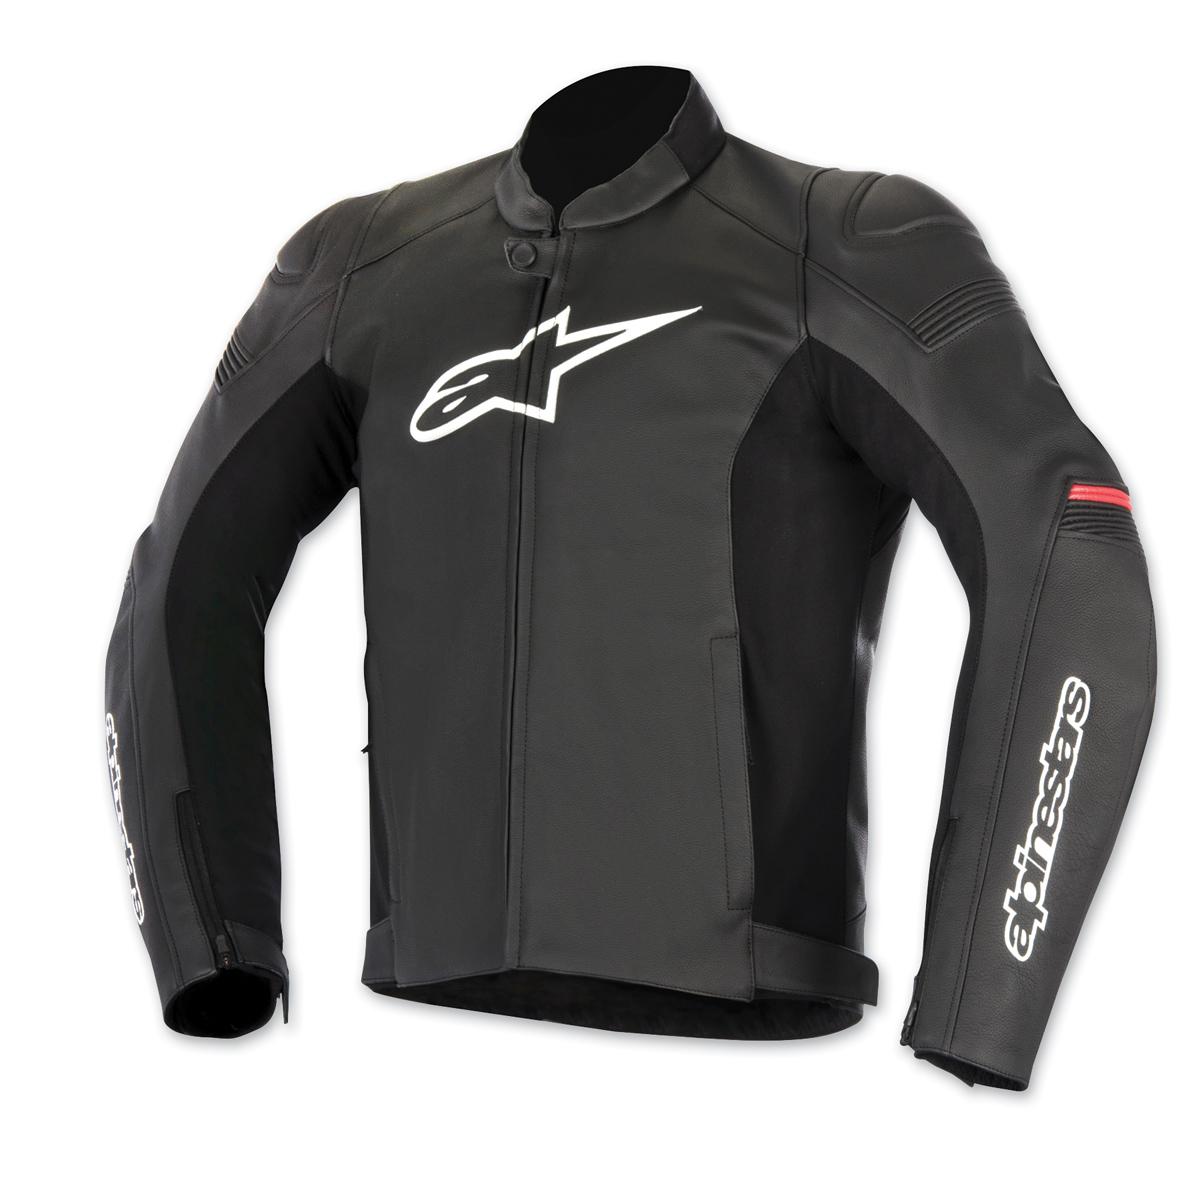 Alpinestars Men's SP-1 Black/Red Leather Jacket